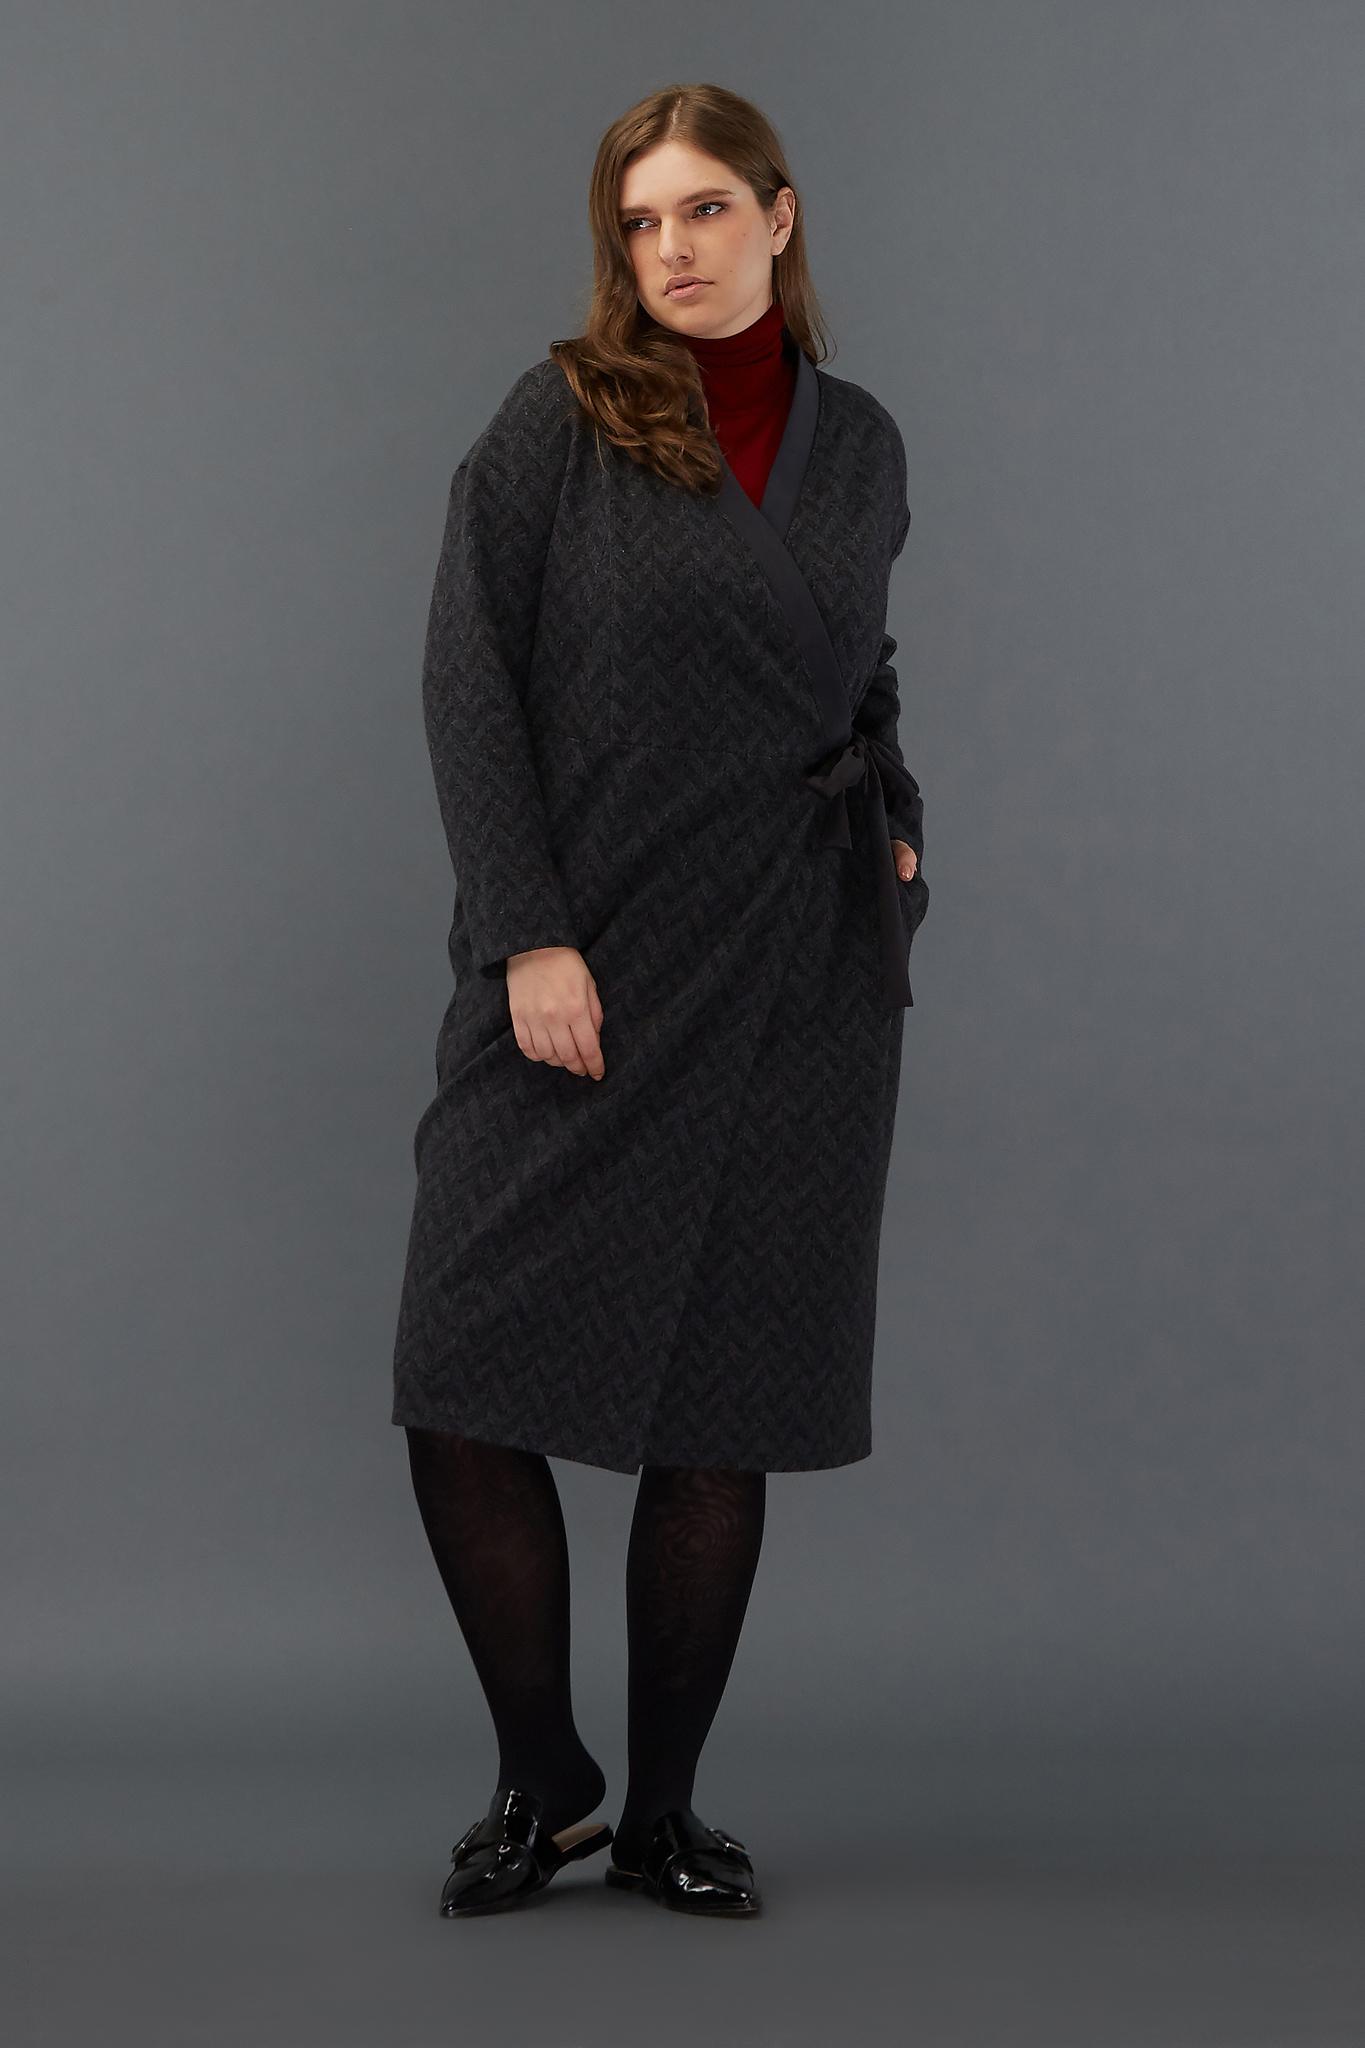 CozyhomeХмурым зимним днем так не хочется выходить из дома! Трикотажное платье-халат на завязках, будто обнимающее фигуру, прямого силуэта, с деликатным геометрическим узором, функциональными карманами в боковых швах и V-образным вырезом несет в себе мощный заряд домашнего тепла! И, кажется, даже утро понедельника становится с ним гораздо уютнее. Рост модели на фото 178 см, размер 54 (российский).<br>